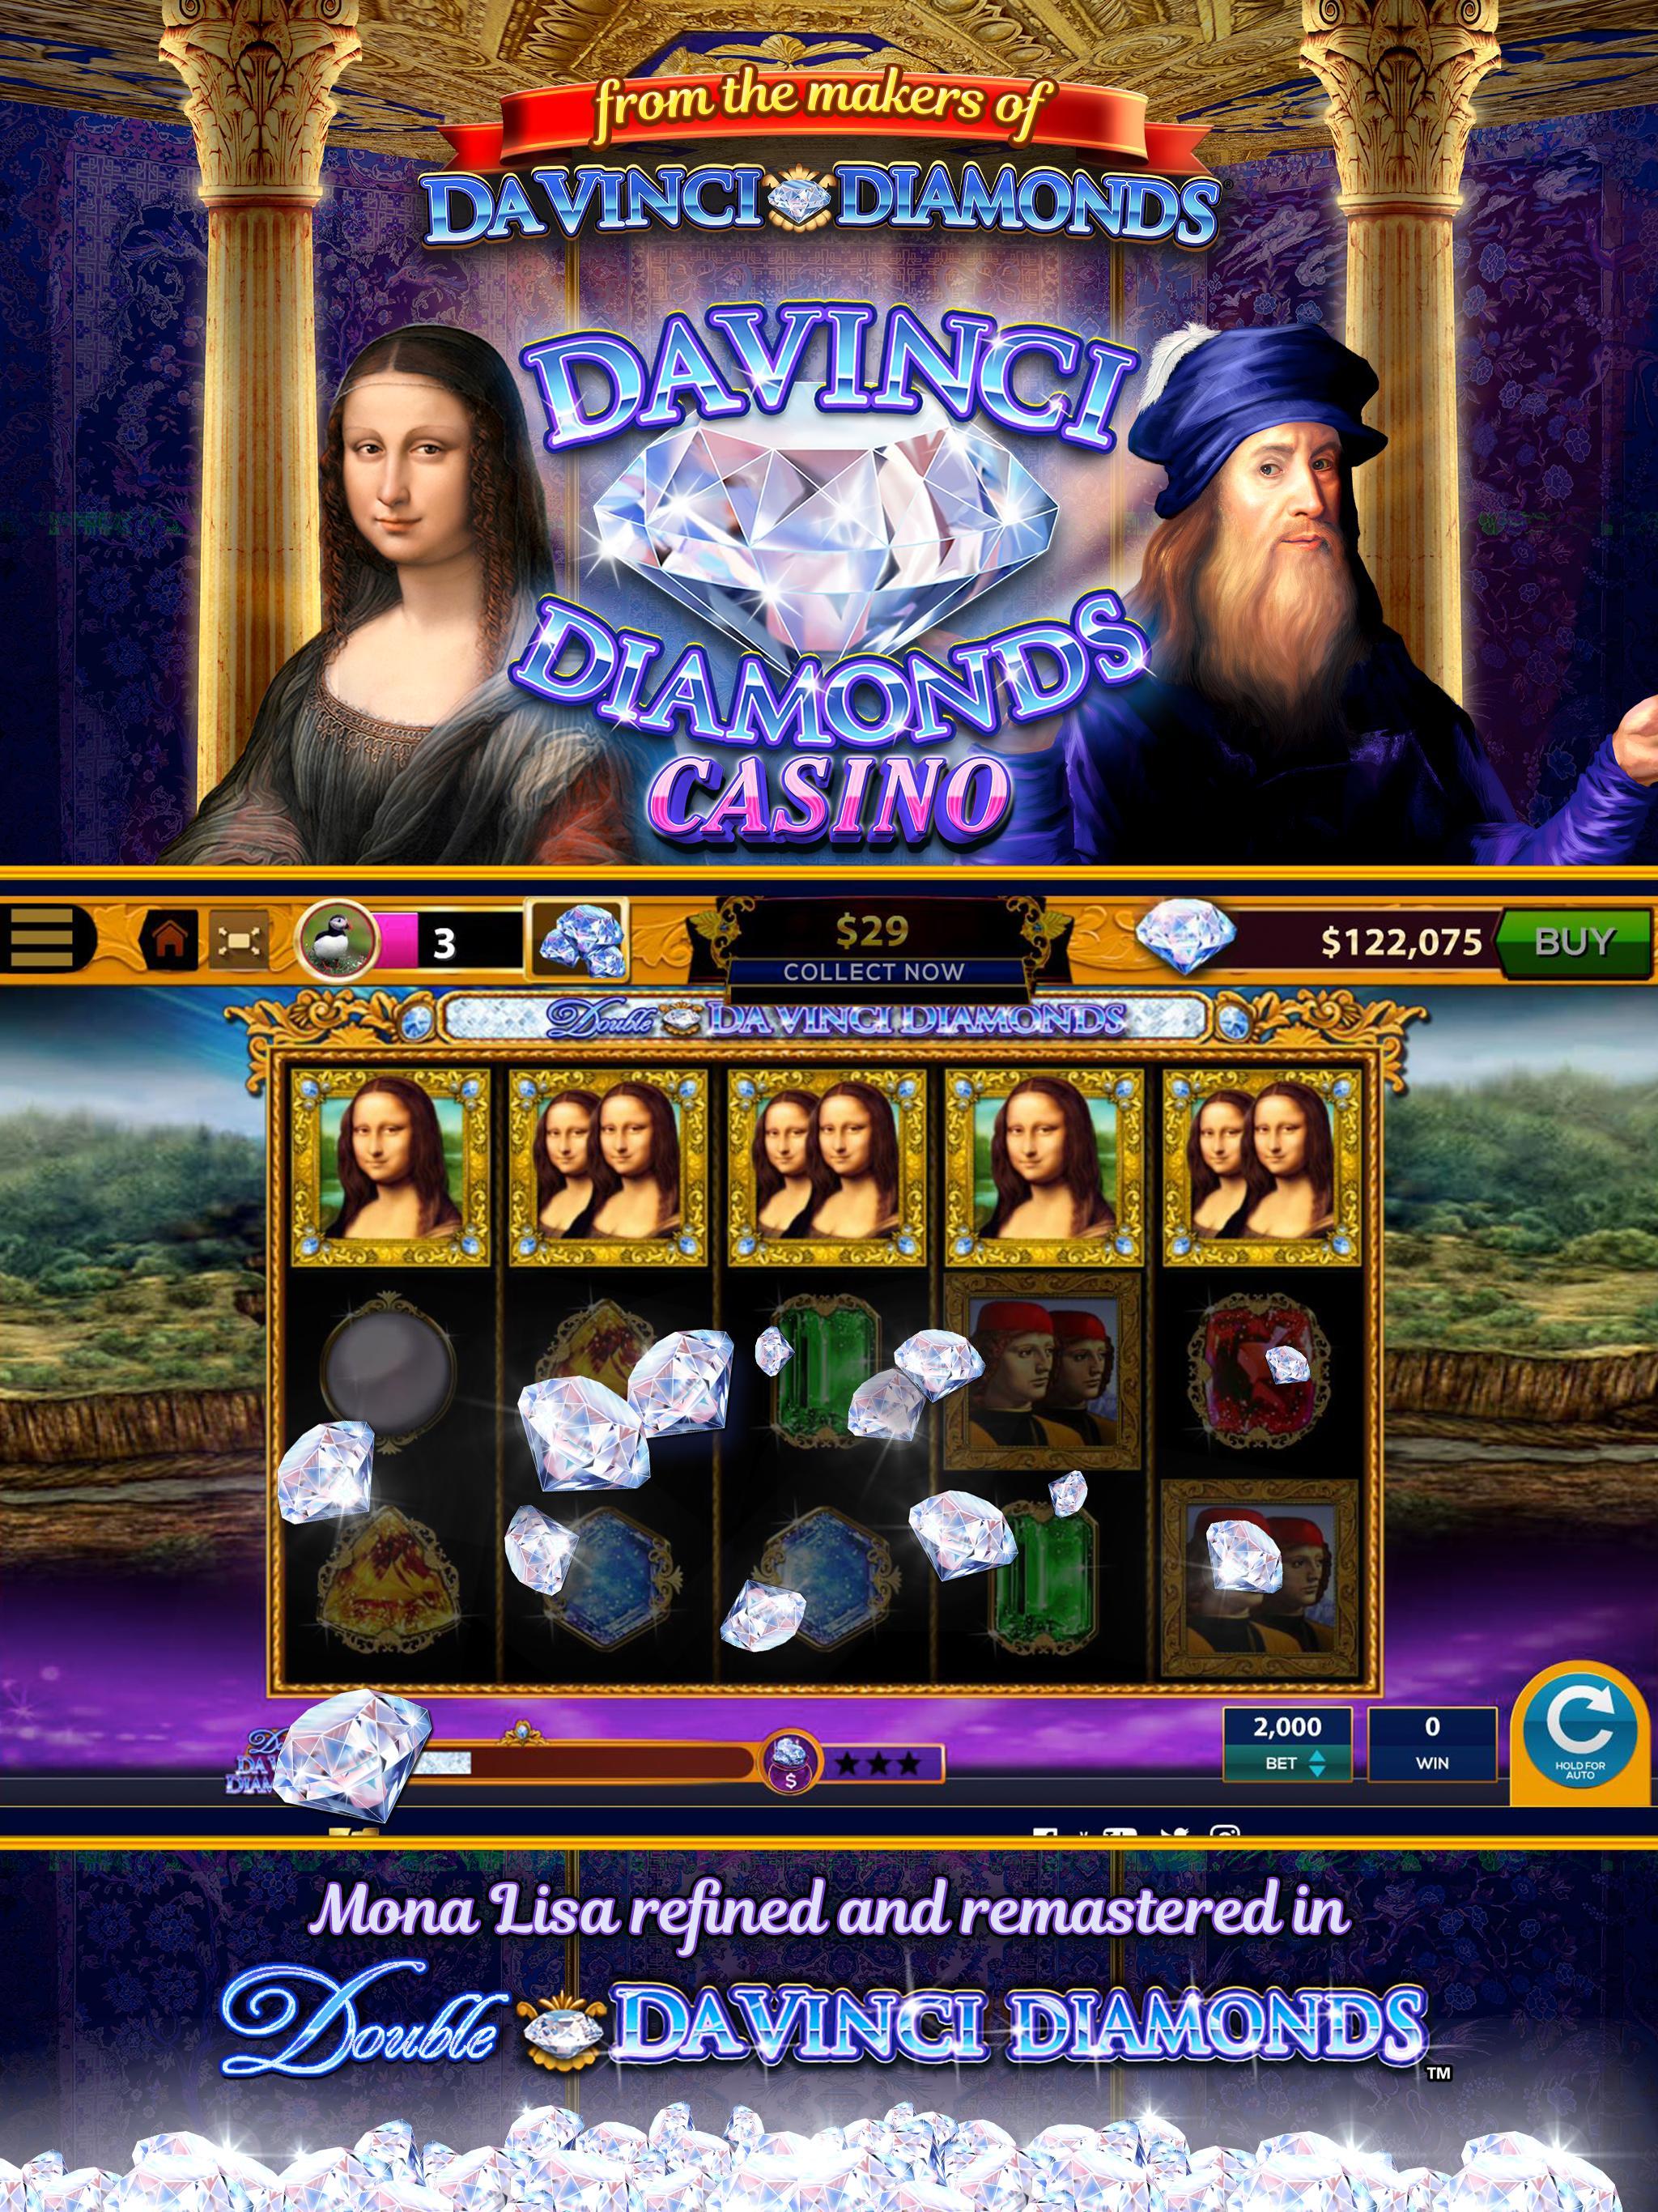 Da Vinci Diamonds Casino For Android Apk Download